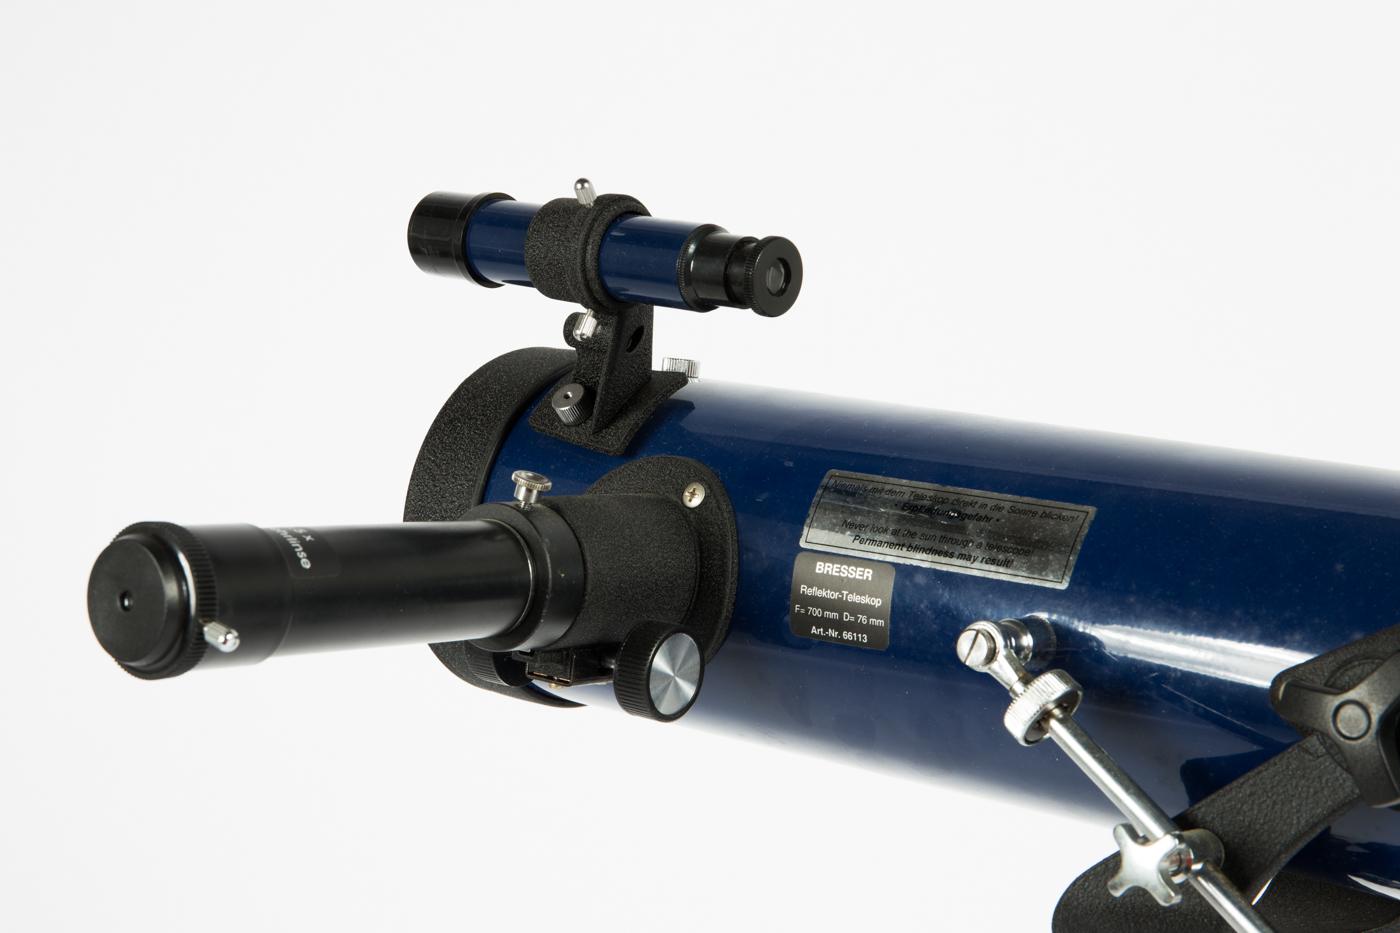 Teleskop bresser optik ebay kleinanzeigen